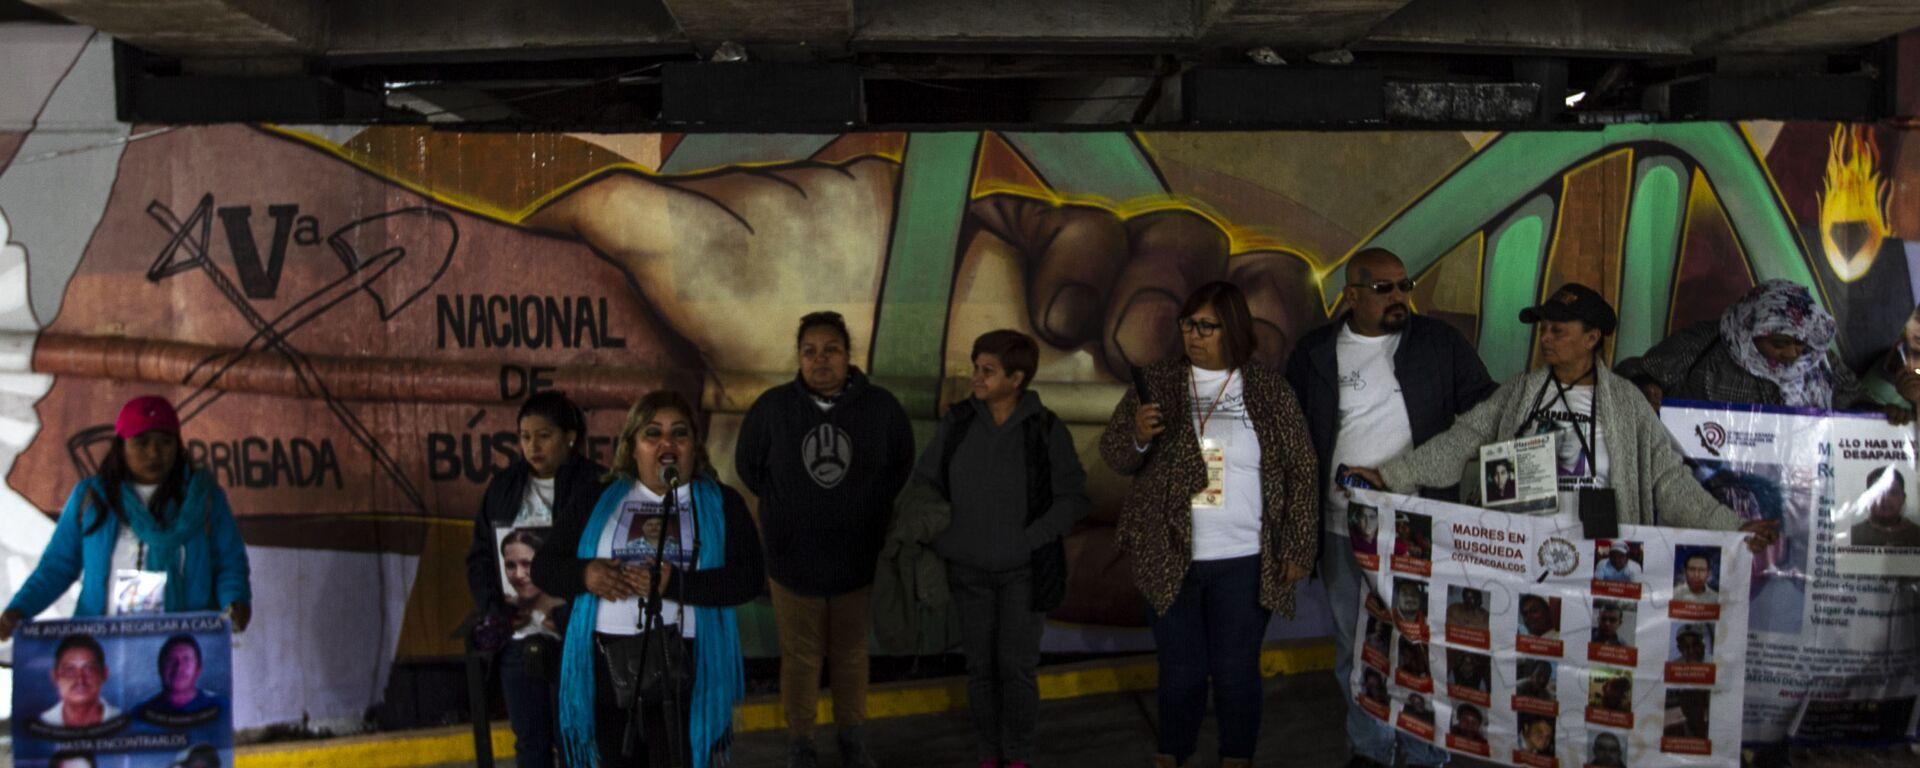 Mural elaborado por la quinta brigada de búsqueda de personas desaparecidas en el bulevar Adolfo Ruiz Cortines, Poza Rica, Veracruz - Sputnik Mundo, 1920, 25.02.2020